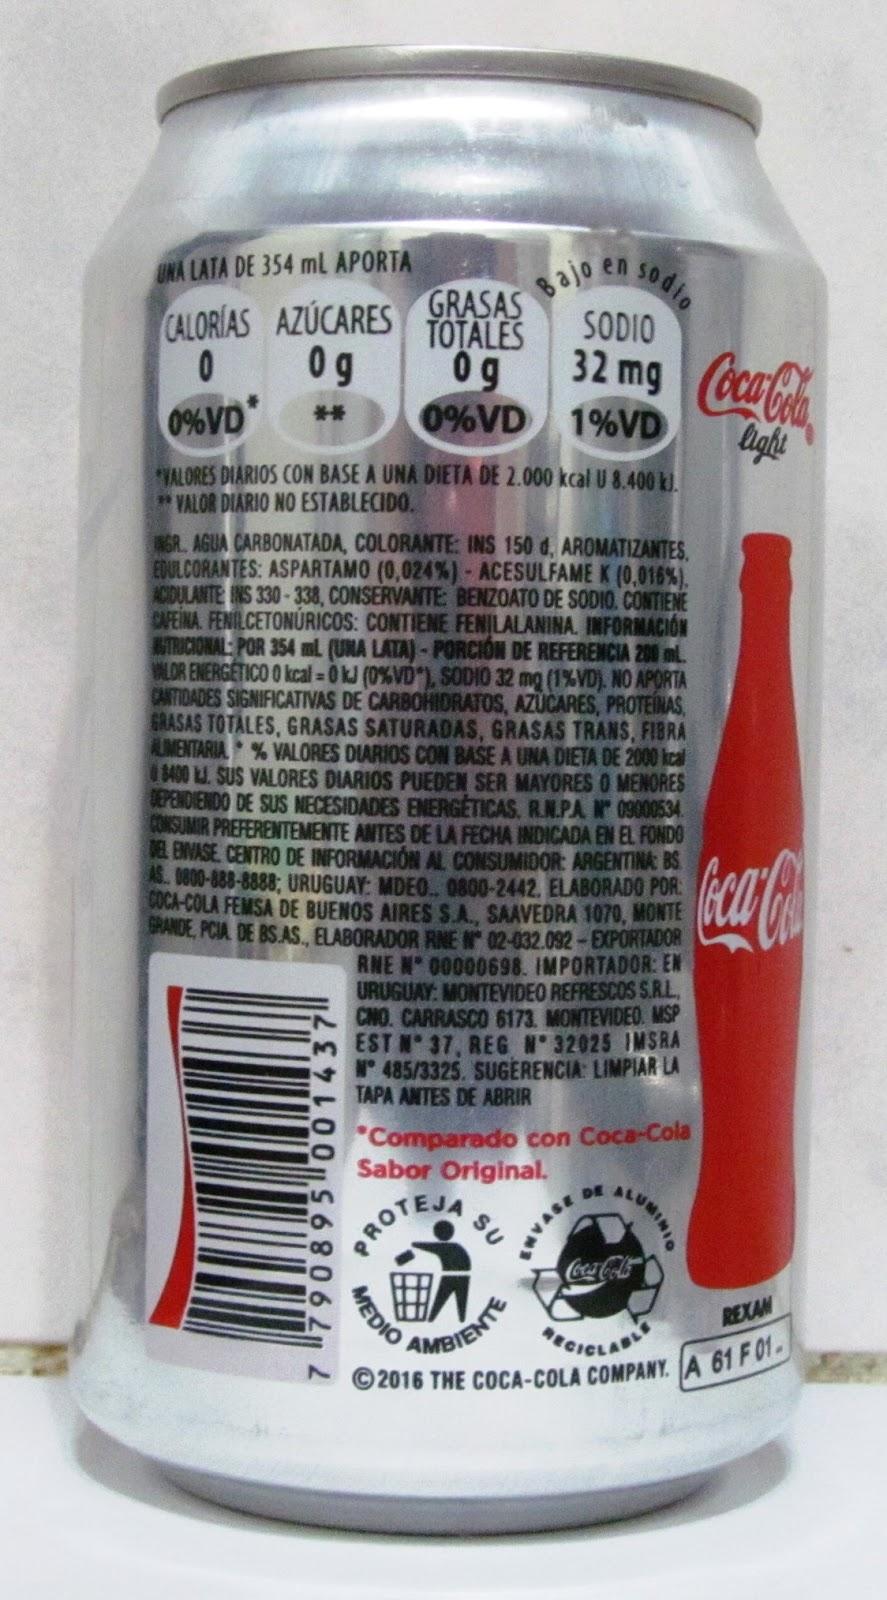 latas y botellas colecciÓn: coca cola light 354ml , origen argentina